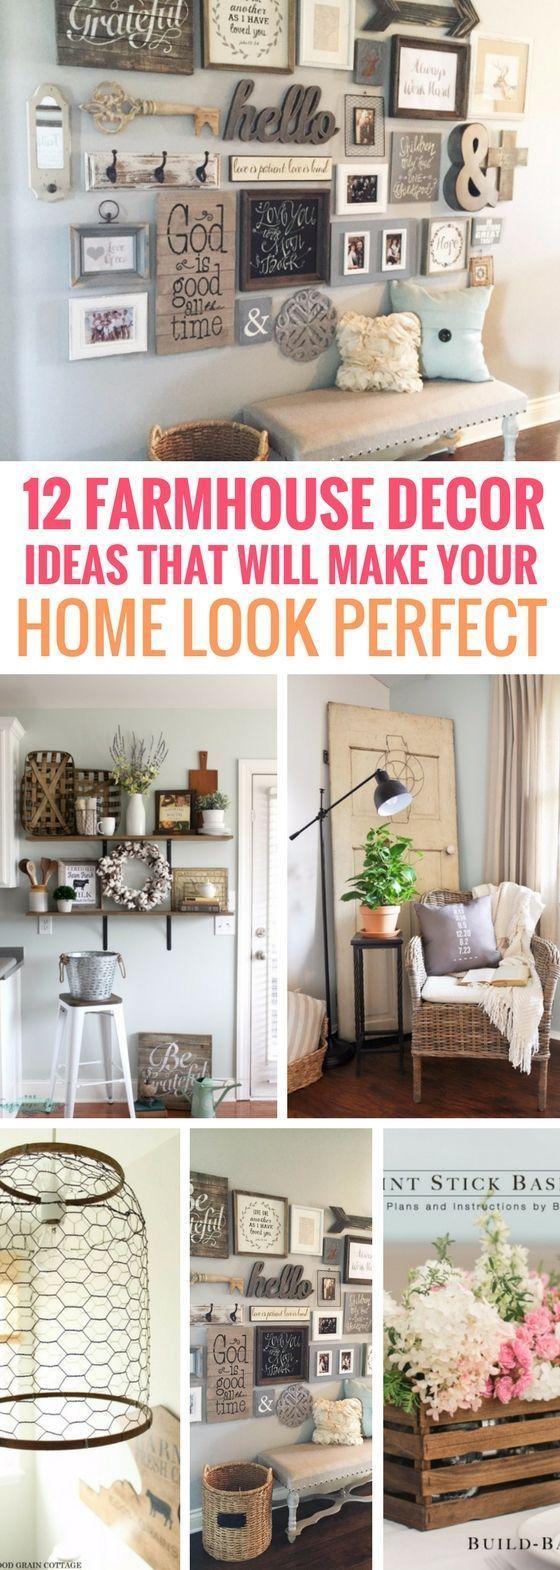 12 Bauernhausdekor-Ideen, die Ihr Zuhause perfekt aussehen lassen